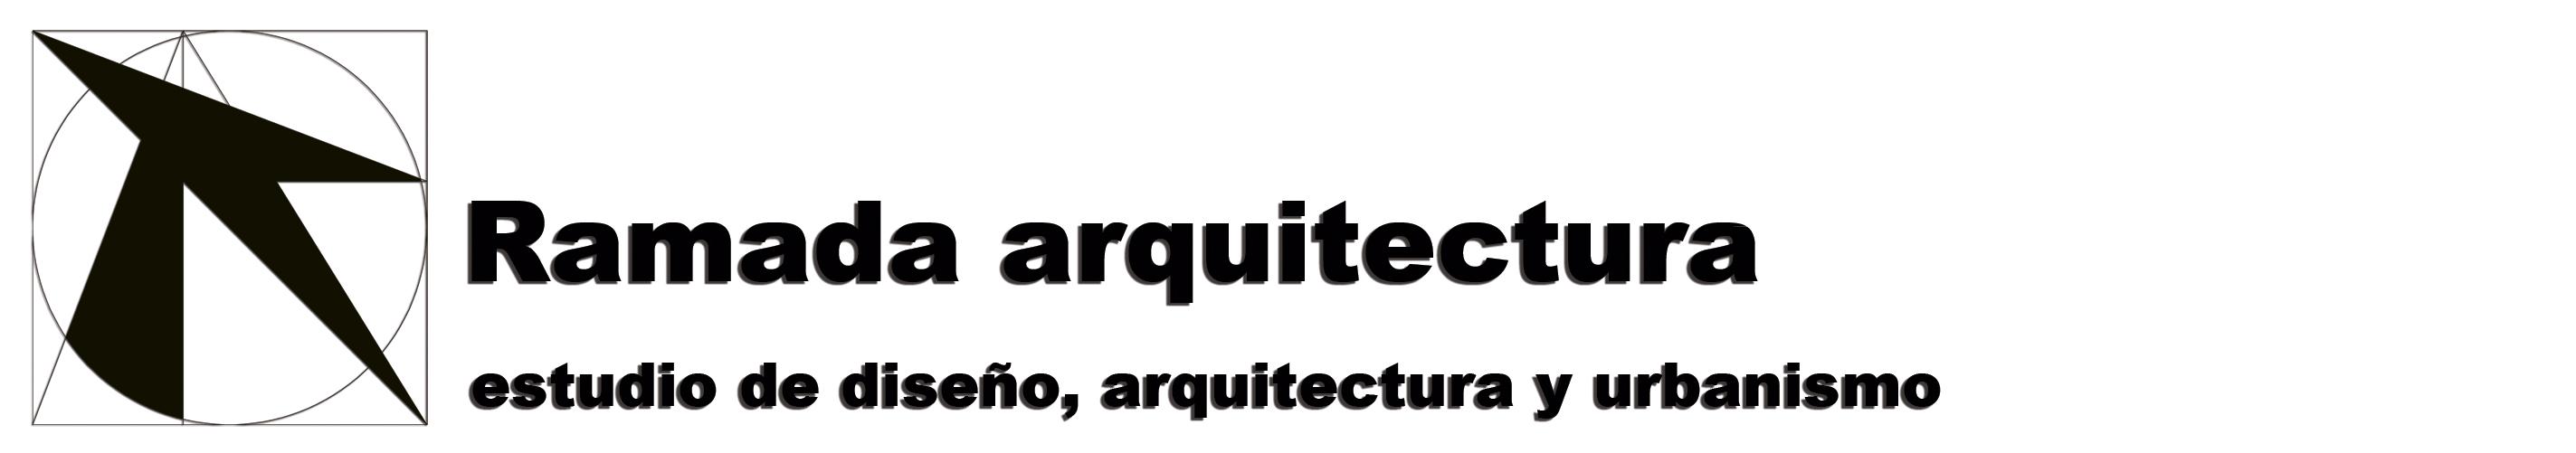 Ramada Arquitectura